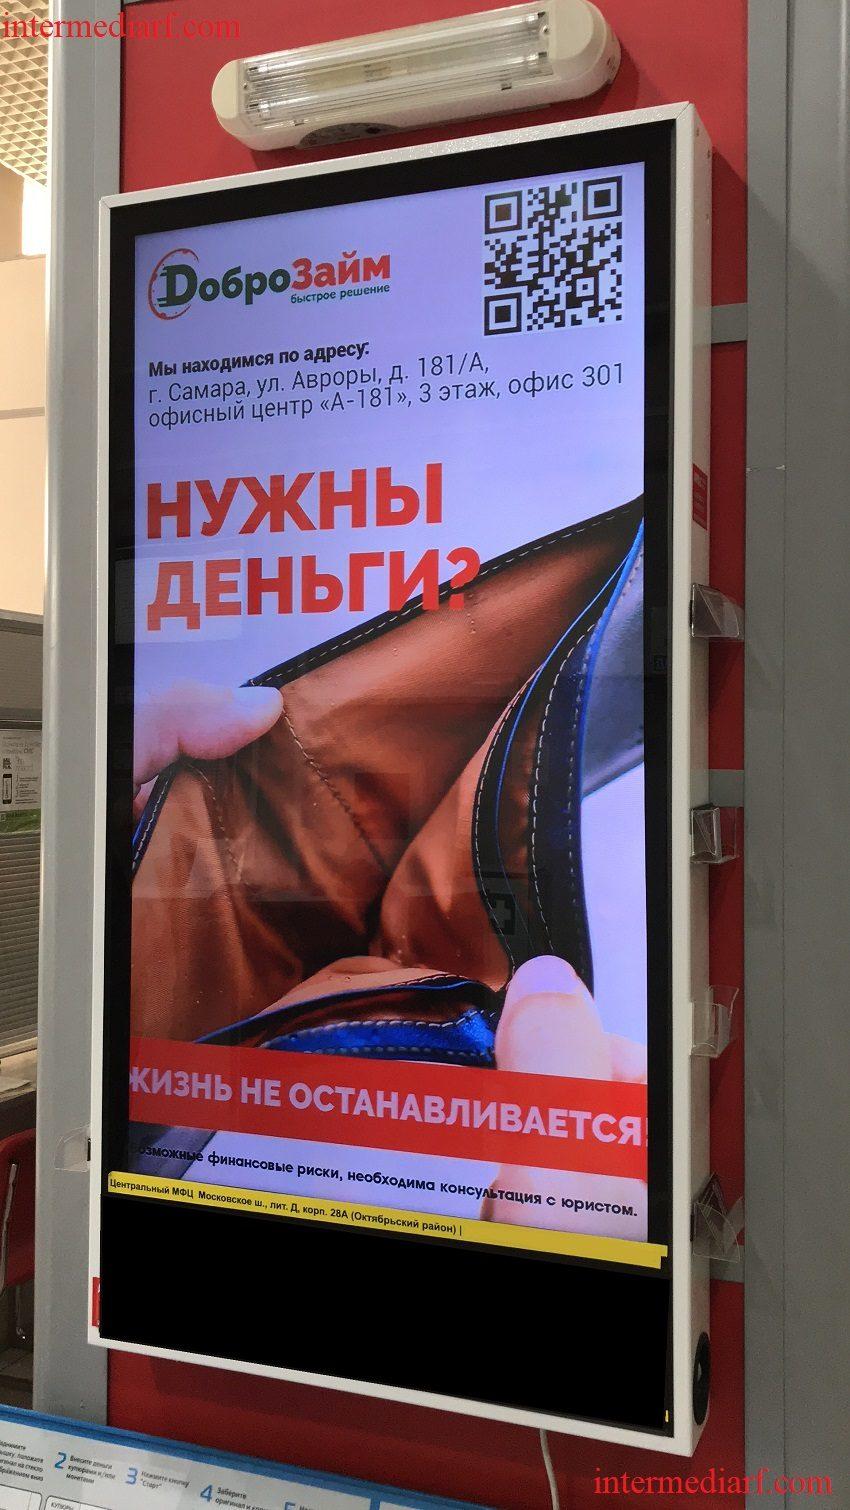 МФЦ Самара Московское шоссе 28 (3)